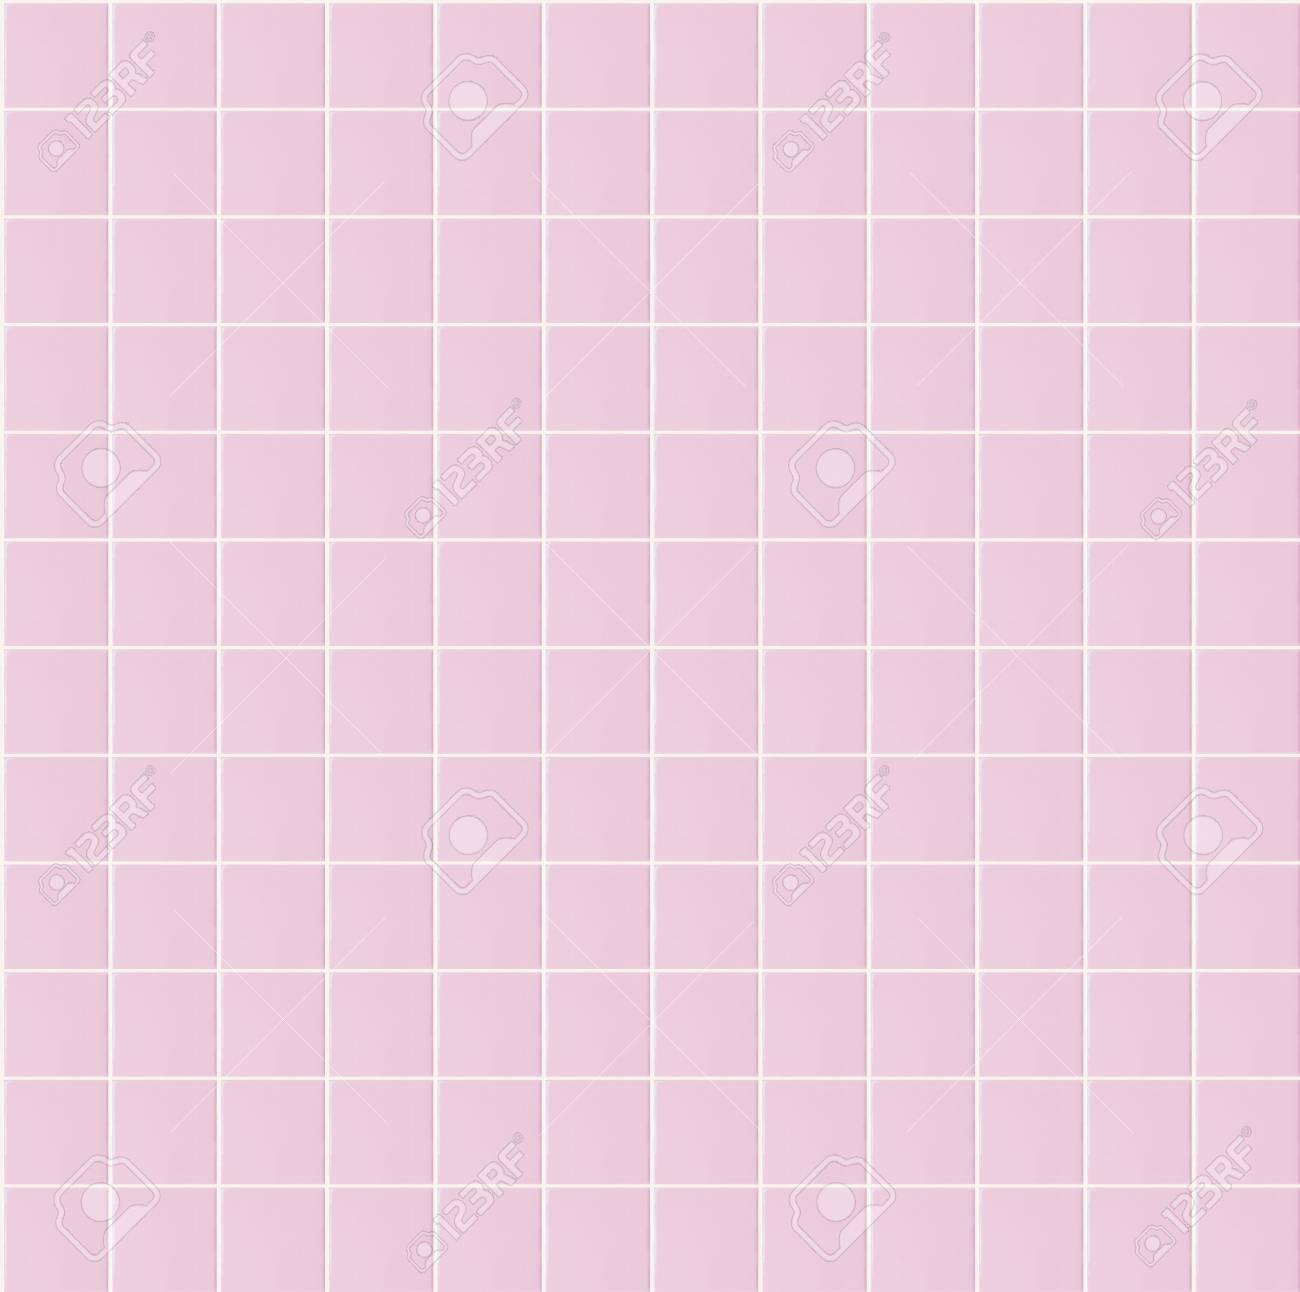 Pink Bathroom Tiles Texture